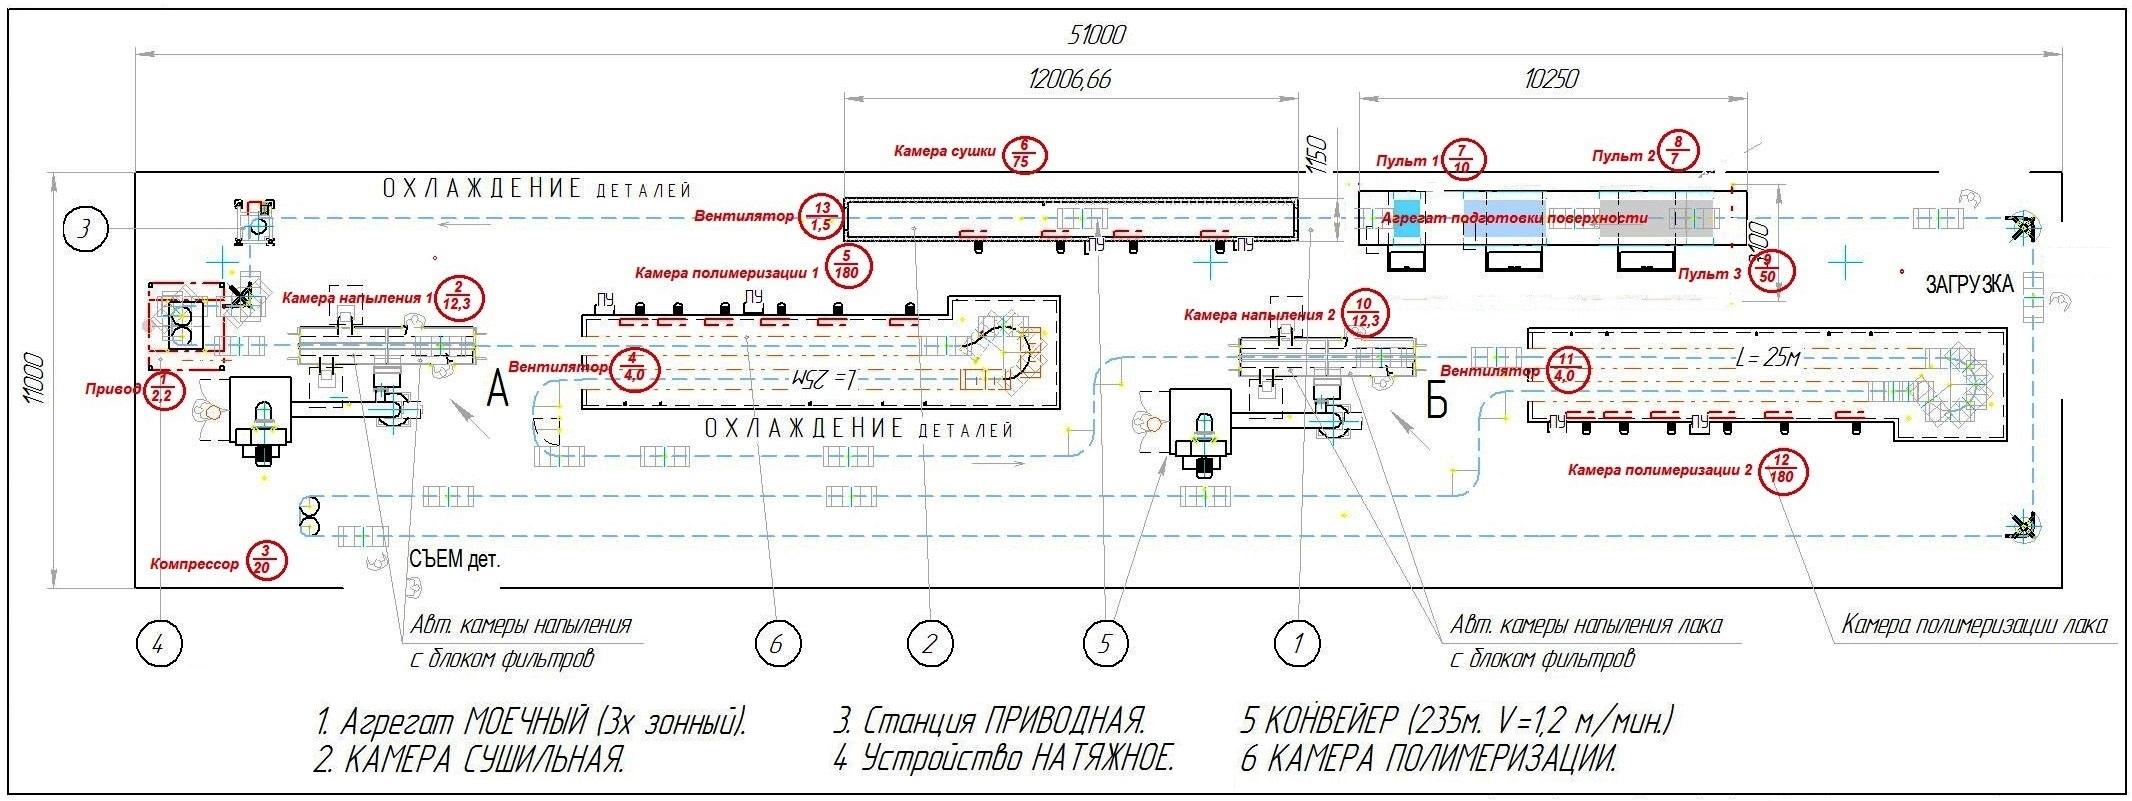 Электрическая схема камеры полимеризации